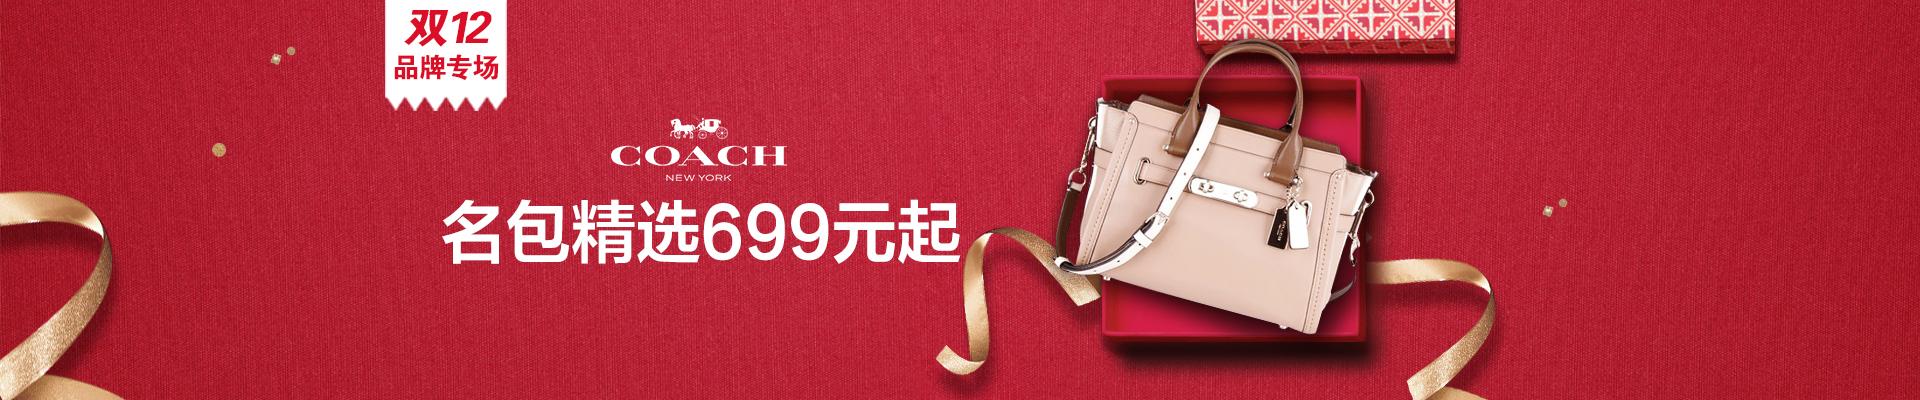 双12品牌专场 COACH寇驰 名包精选699元起